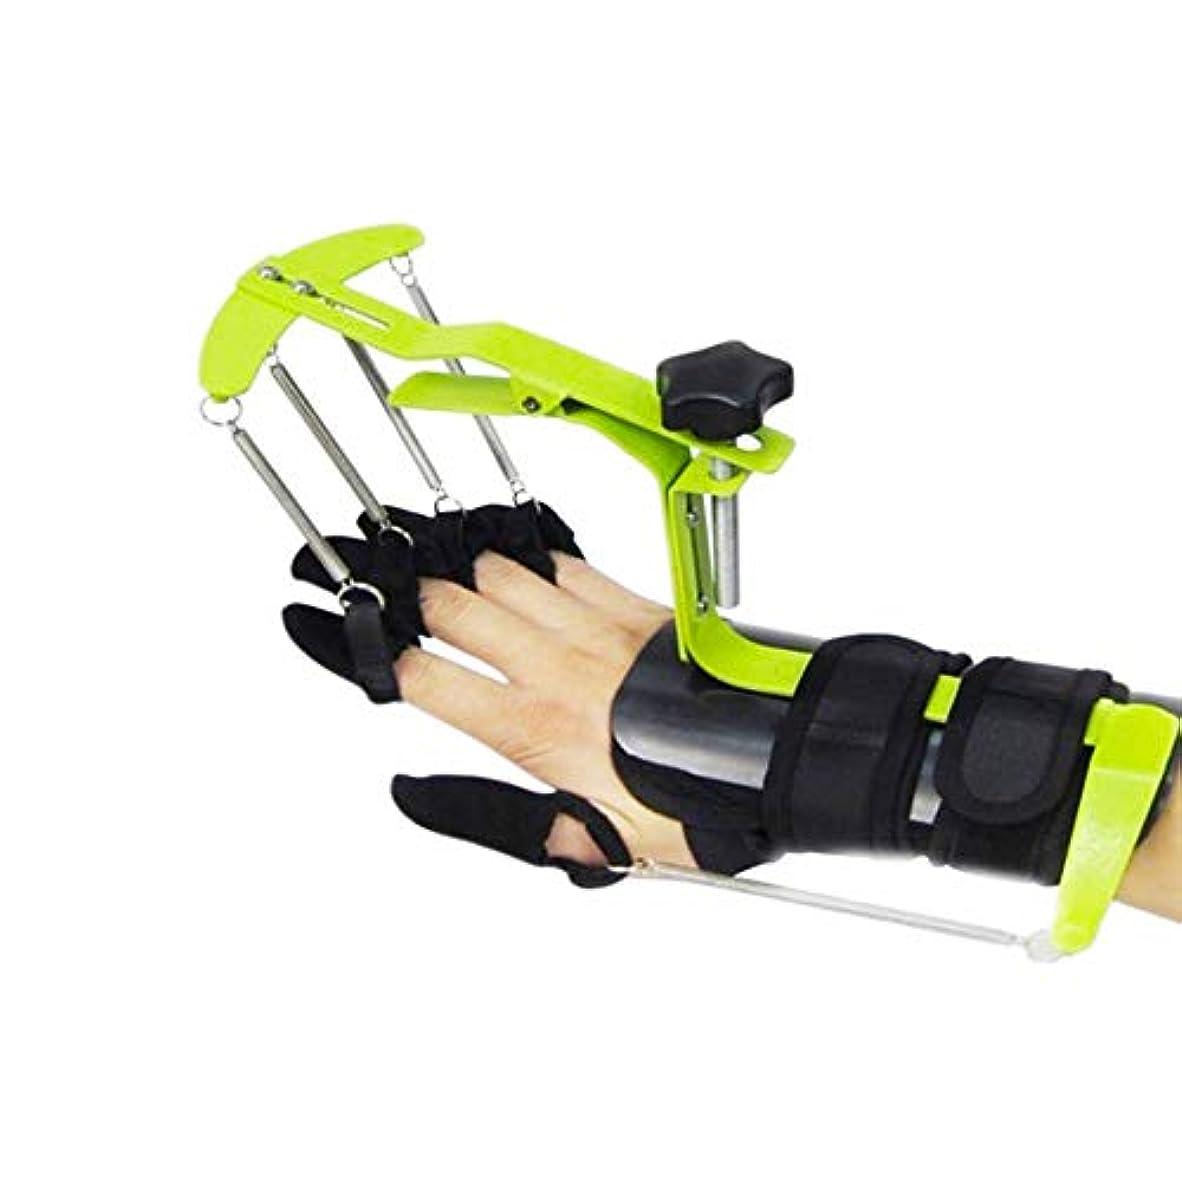 独占レンズロッド指手首矯正エクササイザ、指ブレース指リハビリテーション訓練装置、左右用指矯正用指トレーナー